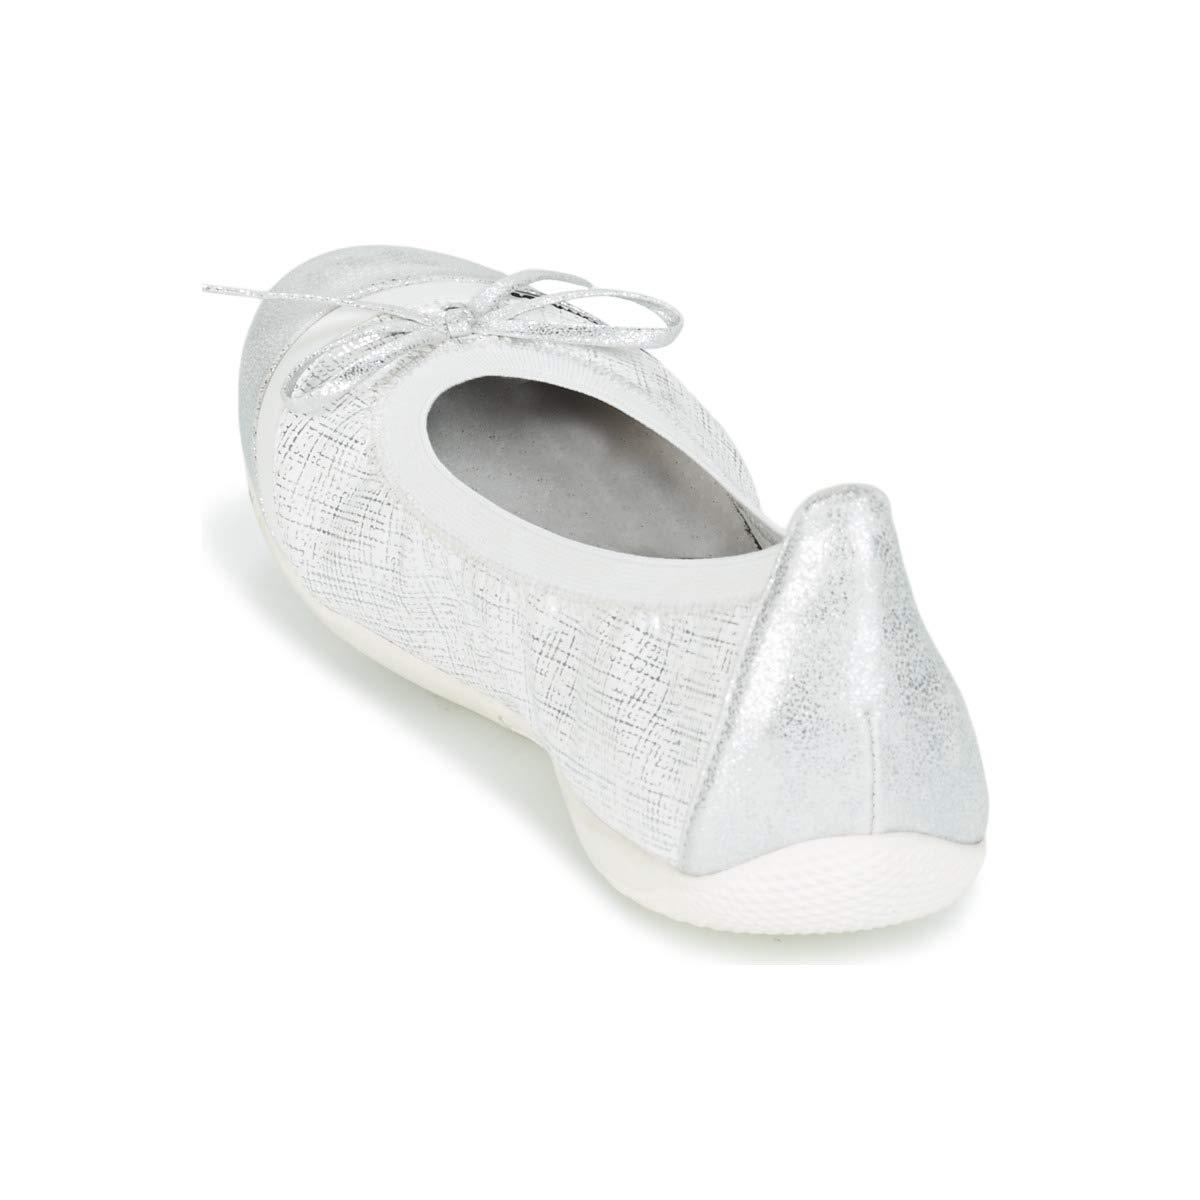 2f767c60a542d LPB Shoes Caprice Ballerines Babies Femmes Blanc Argenté Ballerines Babies   Amazon.fr  Chaussures et Sacs